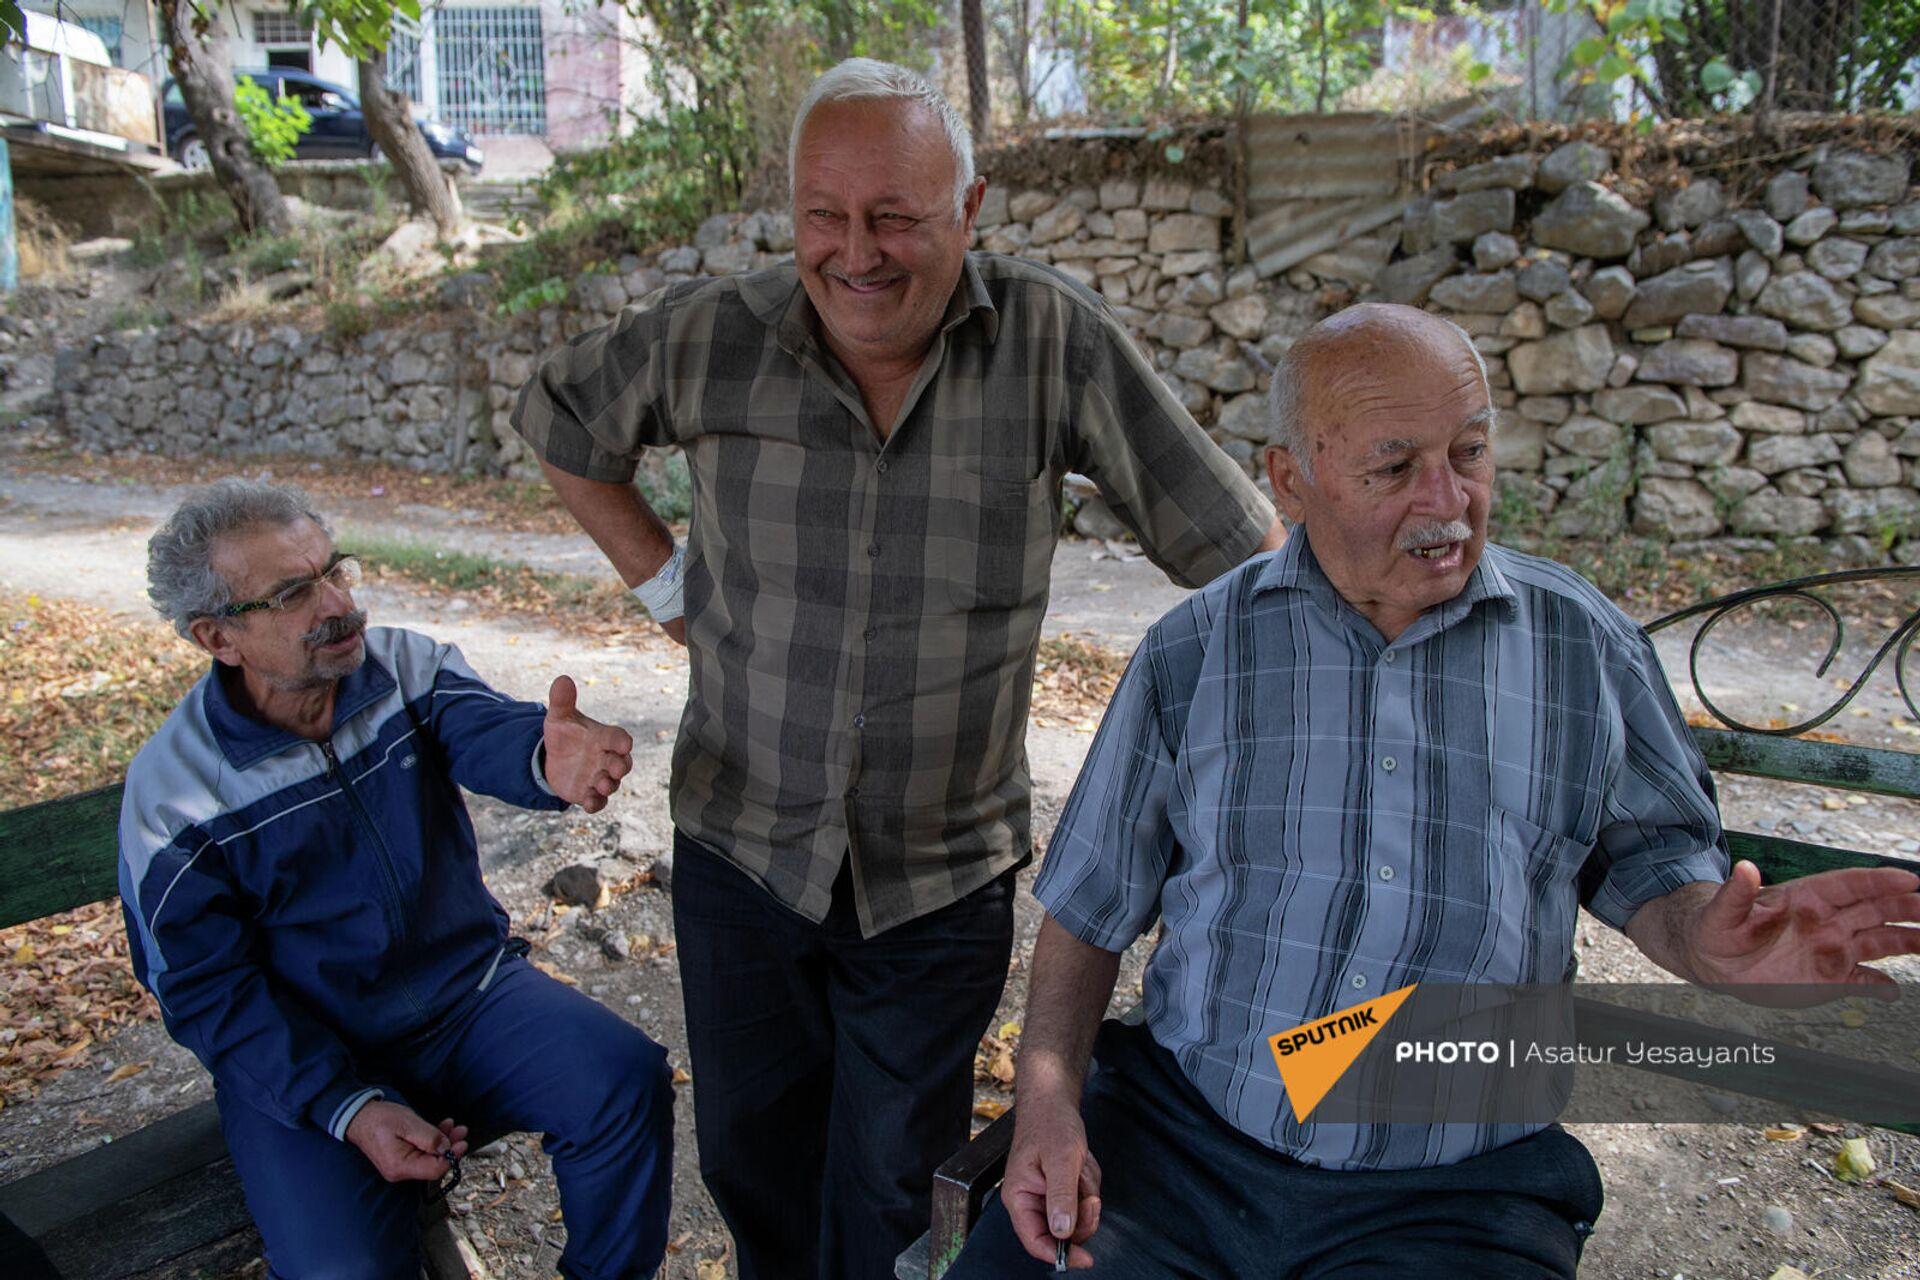 Жители села Хаштарак Володя младший, Володя старший и дед Артавазд - Sputnik Արմենիա, 1920, 24.09.2021